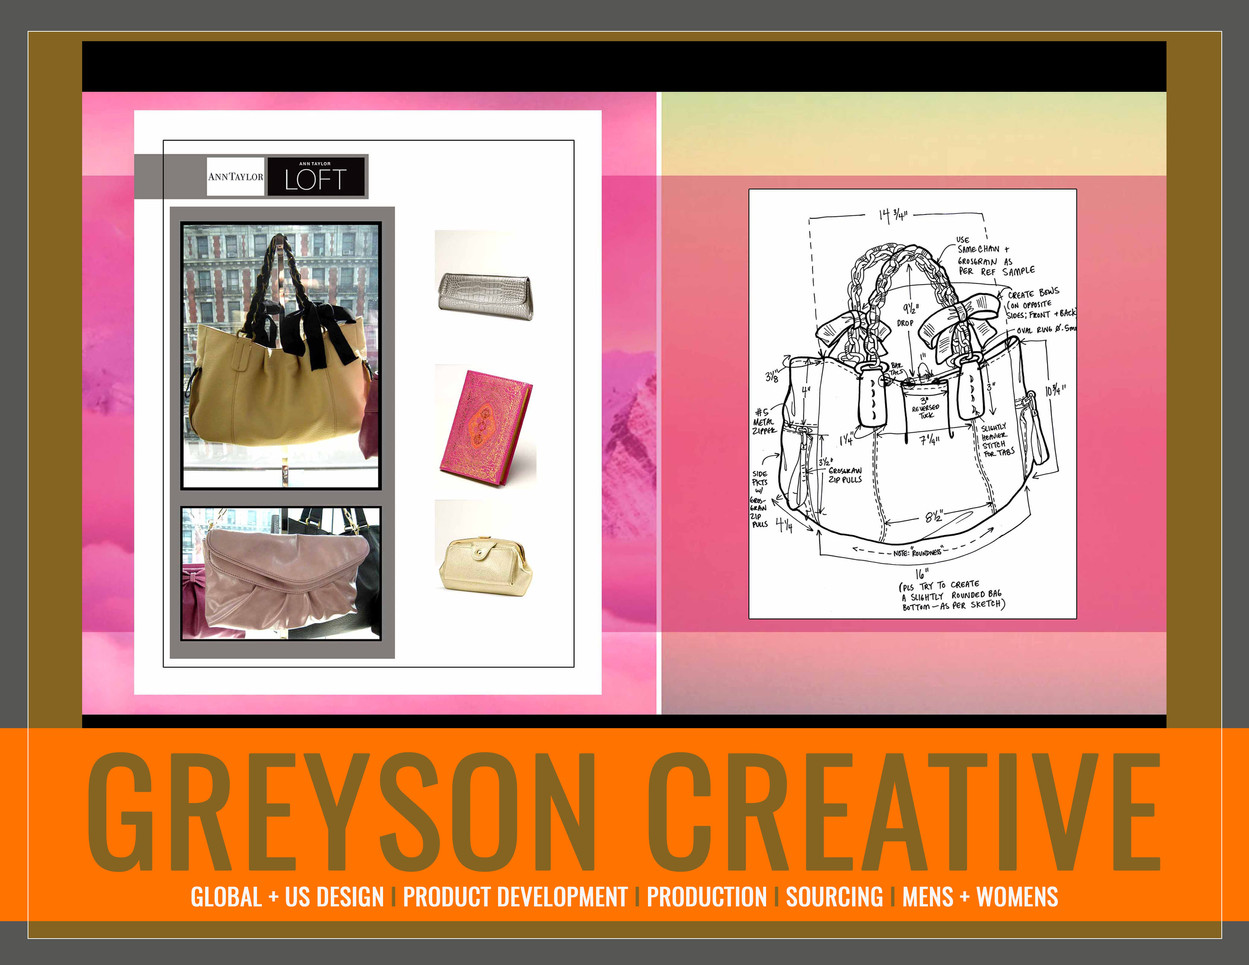 Ann Taylor: Greyson Creative by Lukas Greyson